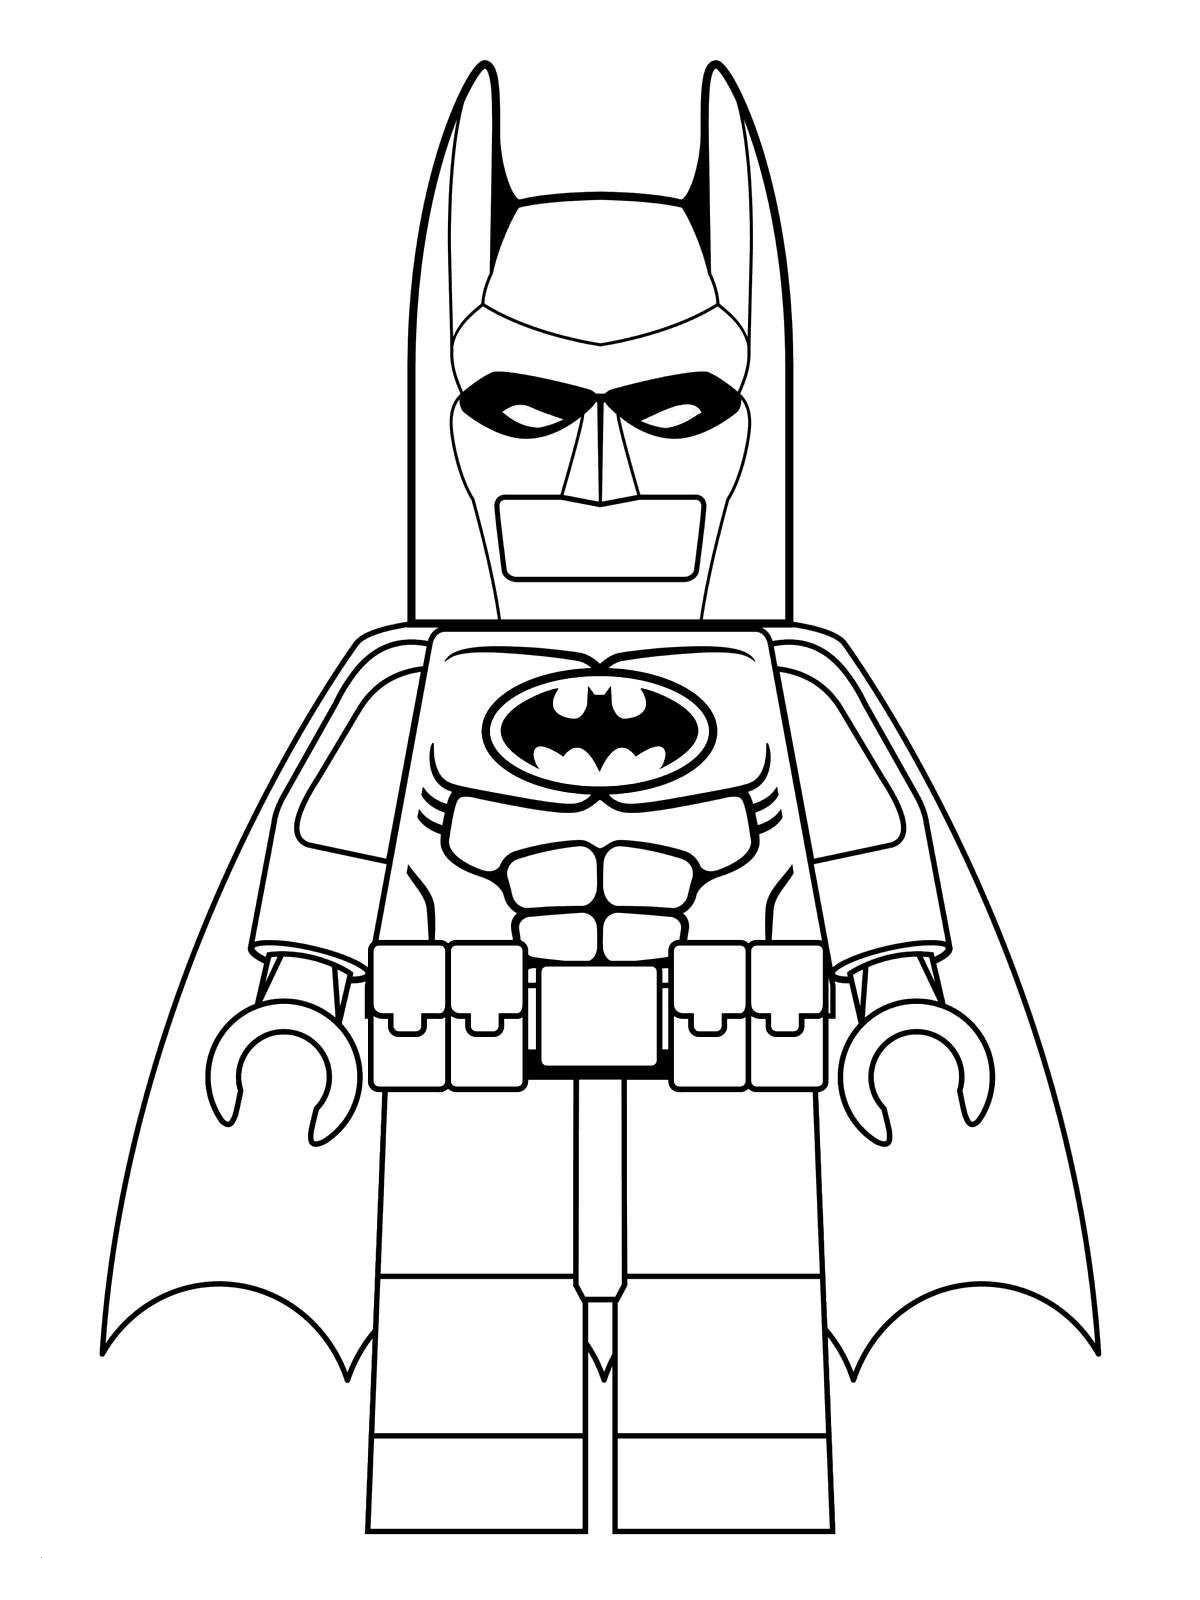 Hulk Zum Ausmalen Inspirierend 40 Inspirierend Lego Hulk Ausmalbilder Mickeycarrollmunchkin Sammlung